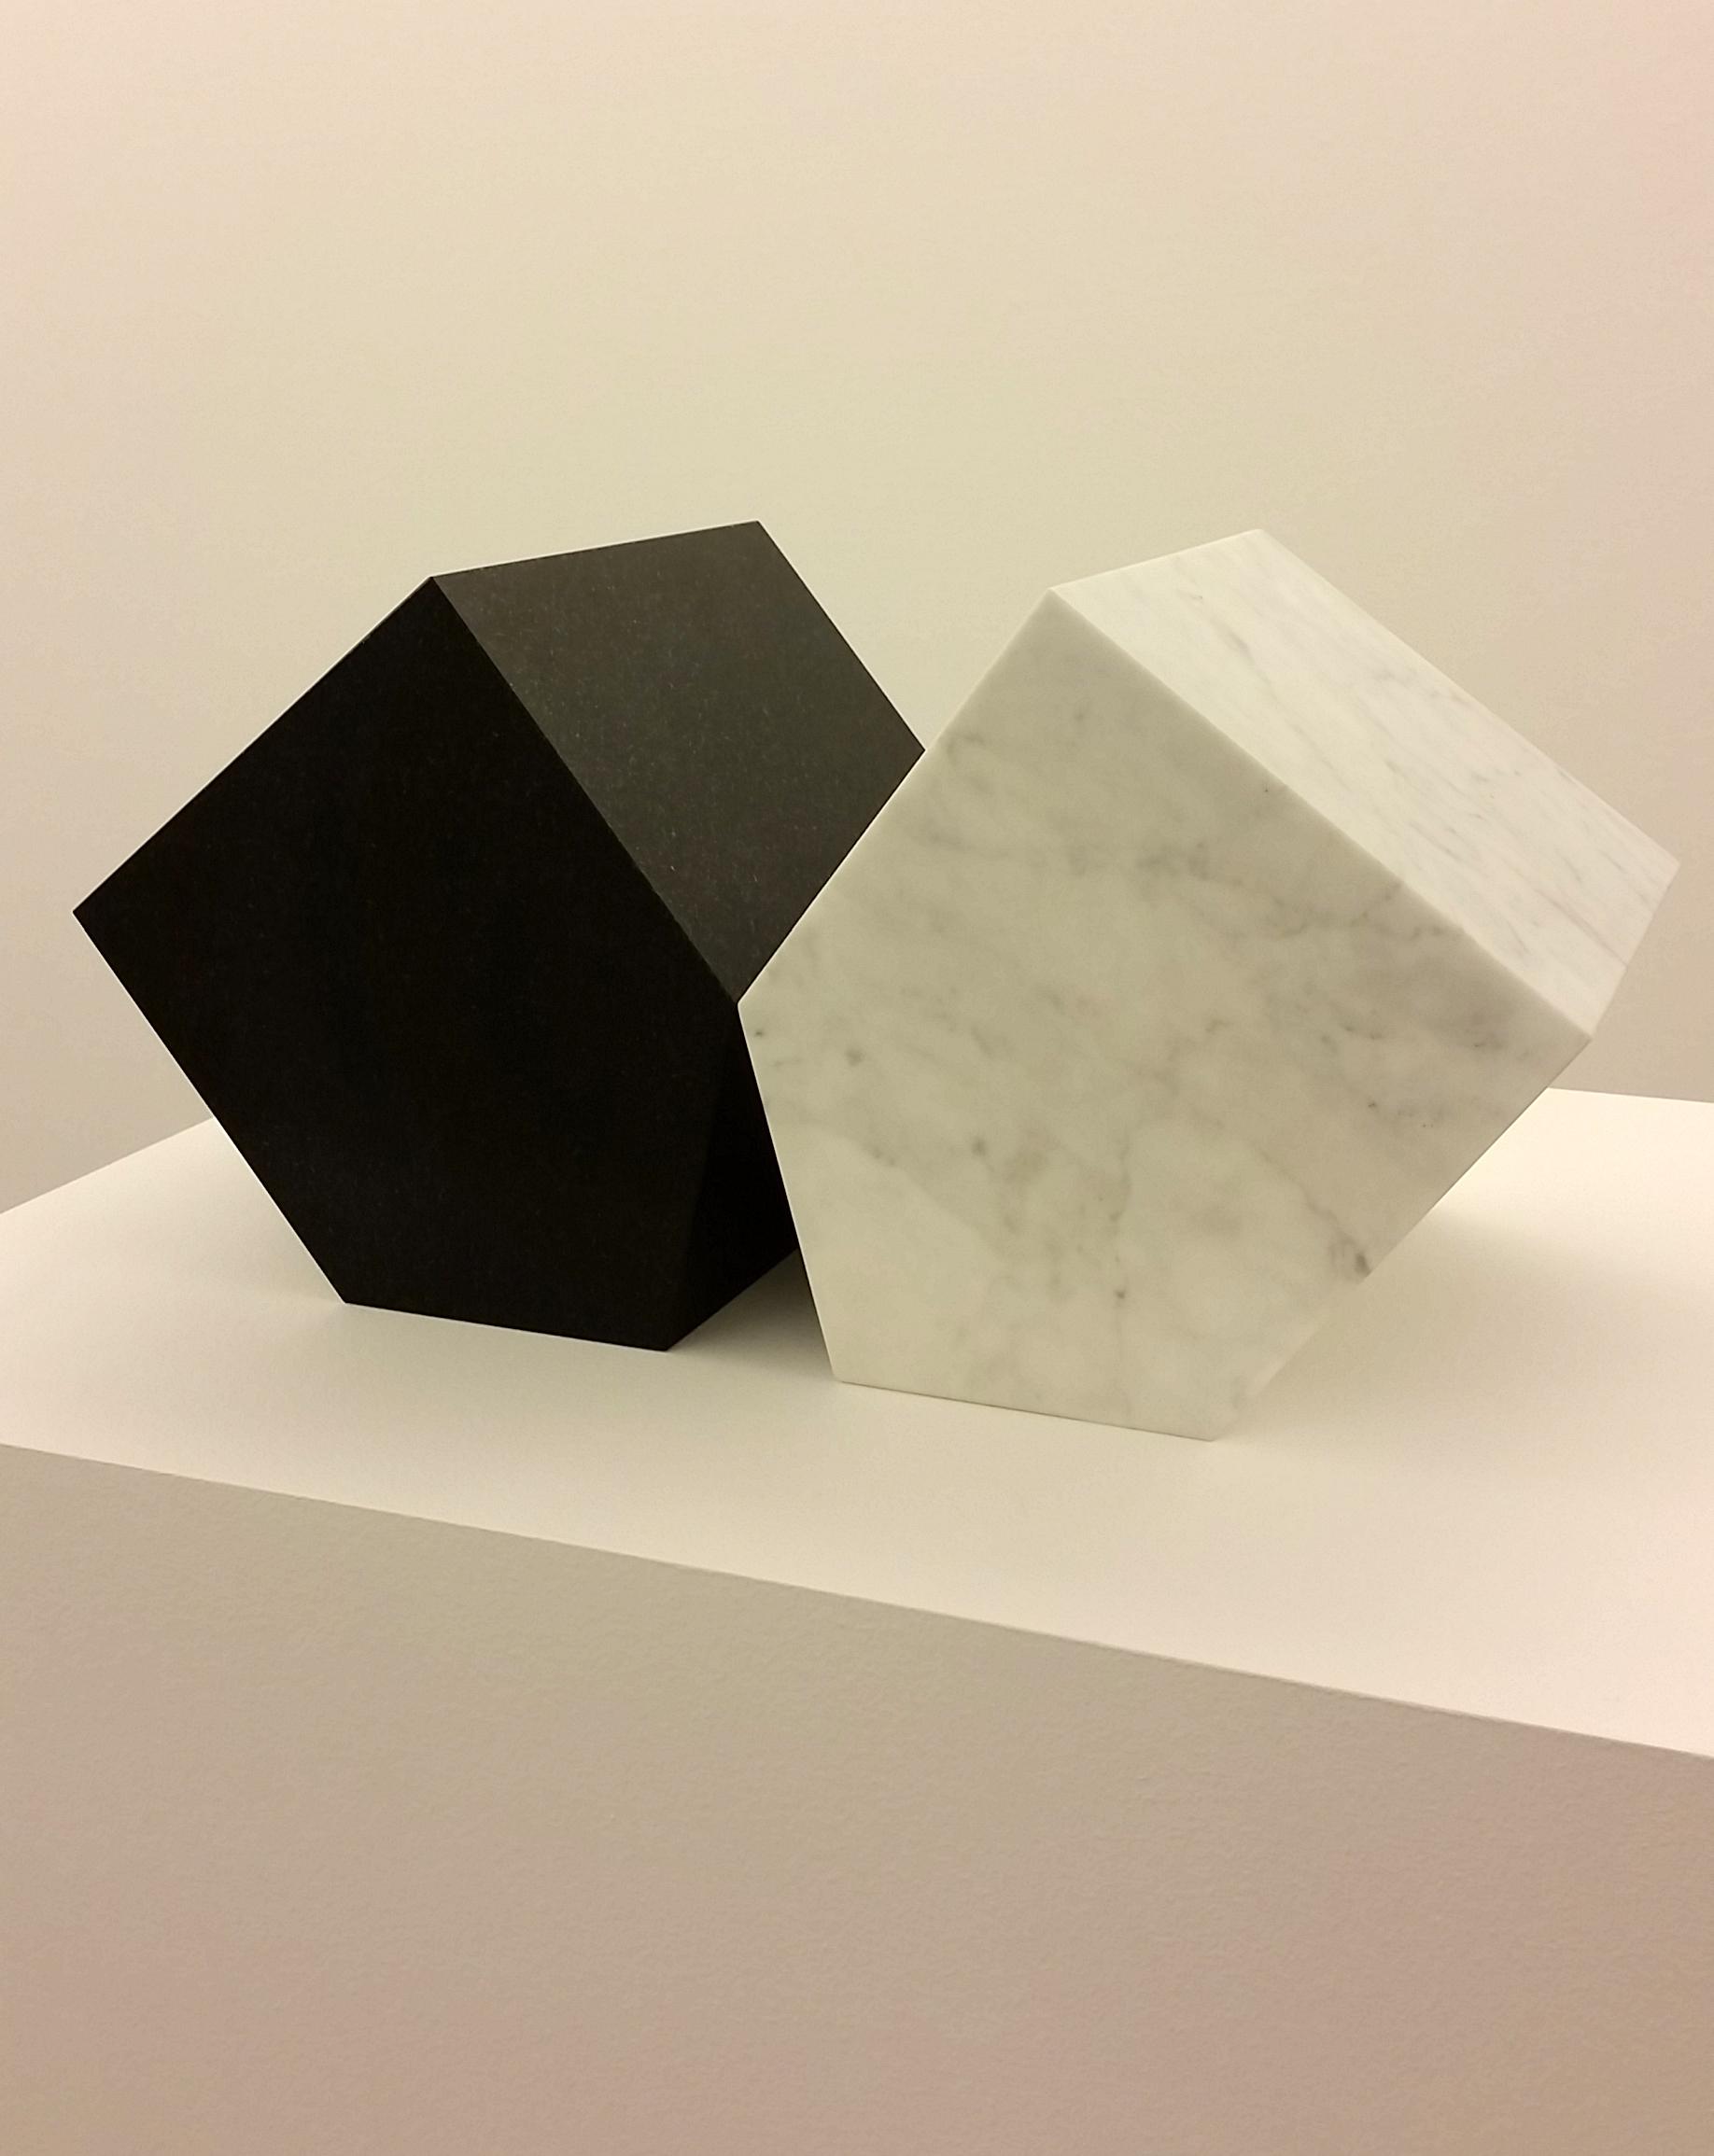 Hushåll (2014), diabas och marmor, 45x19x17cm). ©Hillevi Berglund / Bildupphovsrätt (2017).